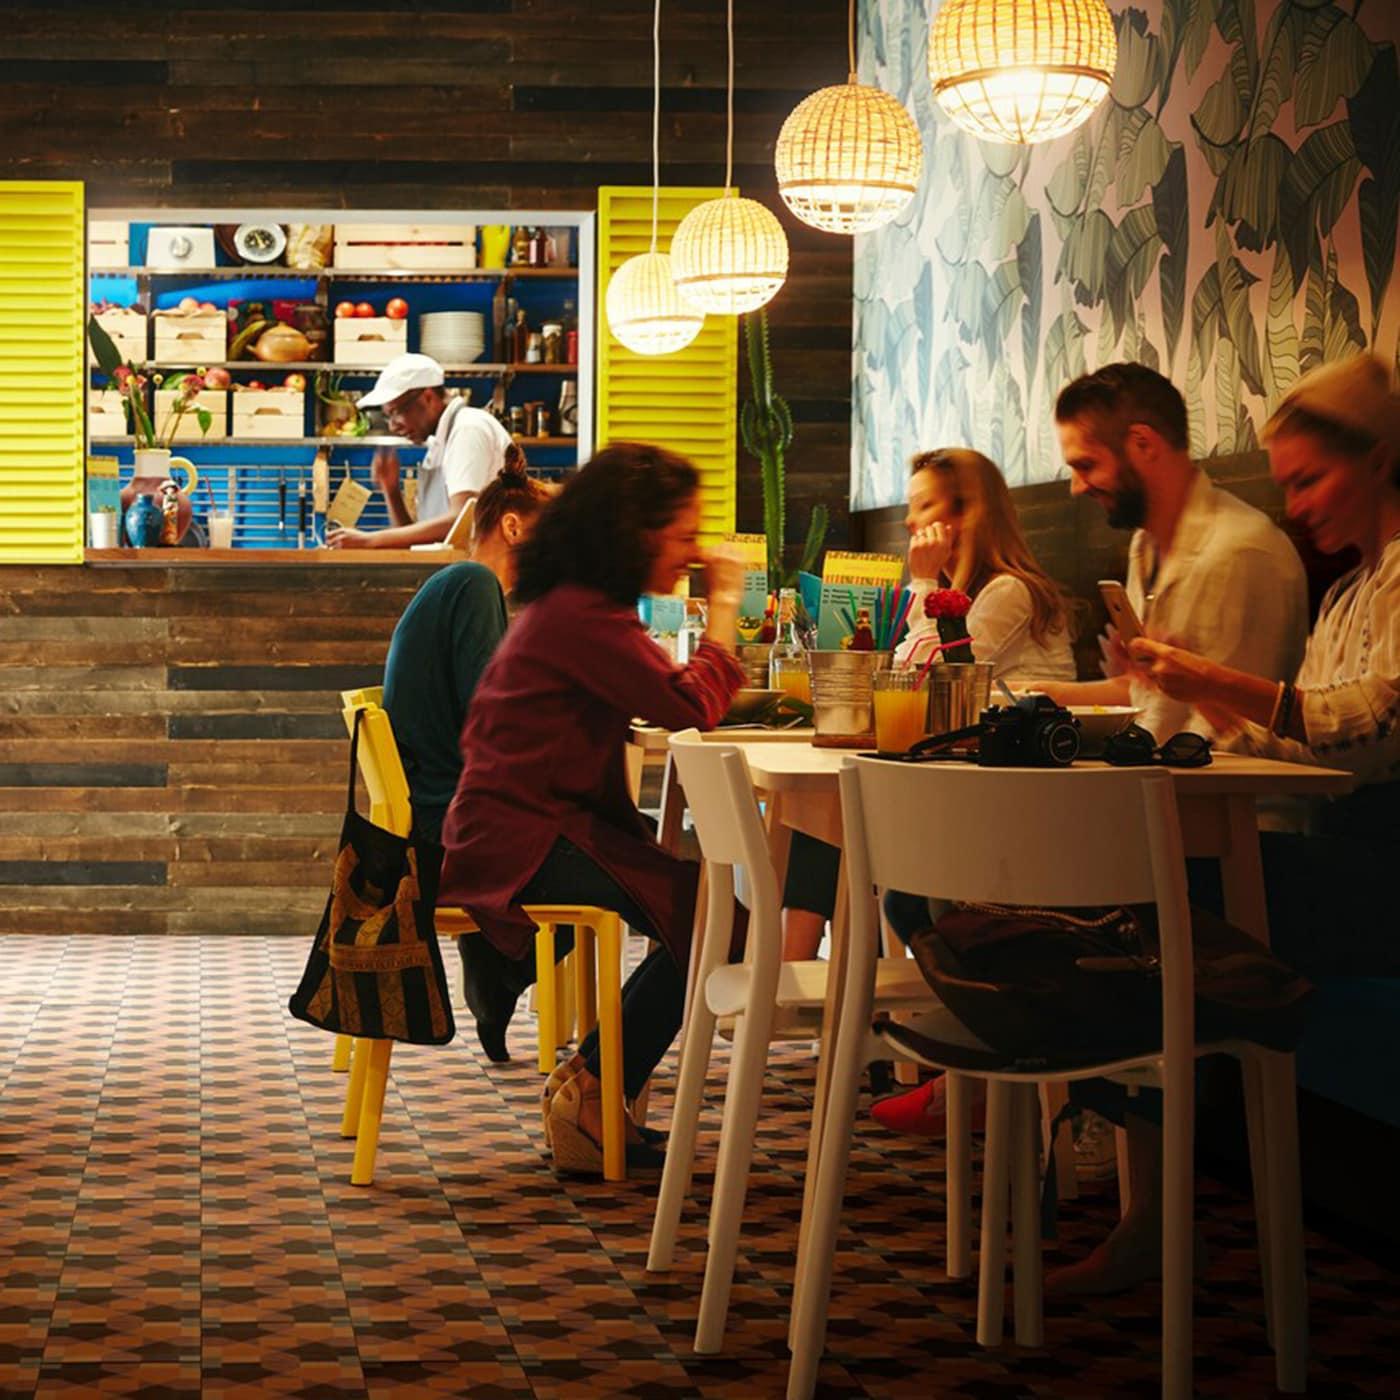 IKEA bietet auch für das Restaurantsegment hochwertige und erschwingliche Möbel sowie kleine Produkte für Träumer und Unternehmer, u. a. NORRÅKER Barhocker Birke.